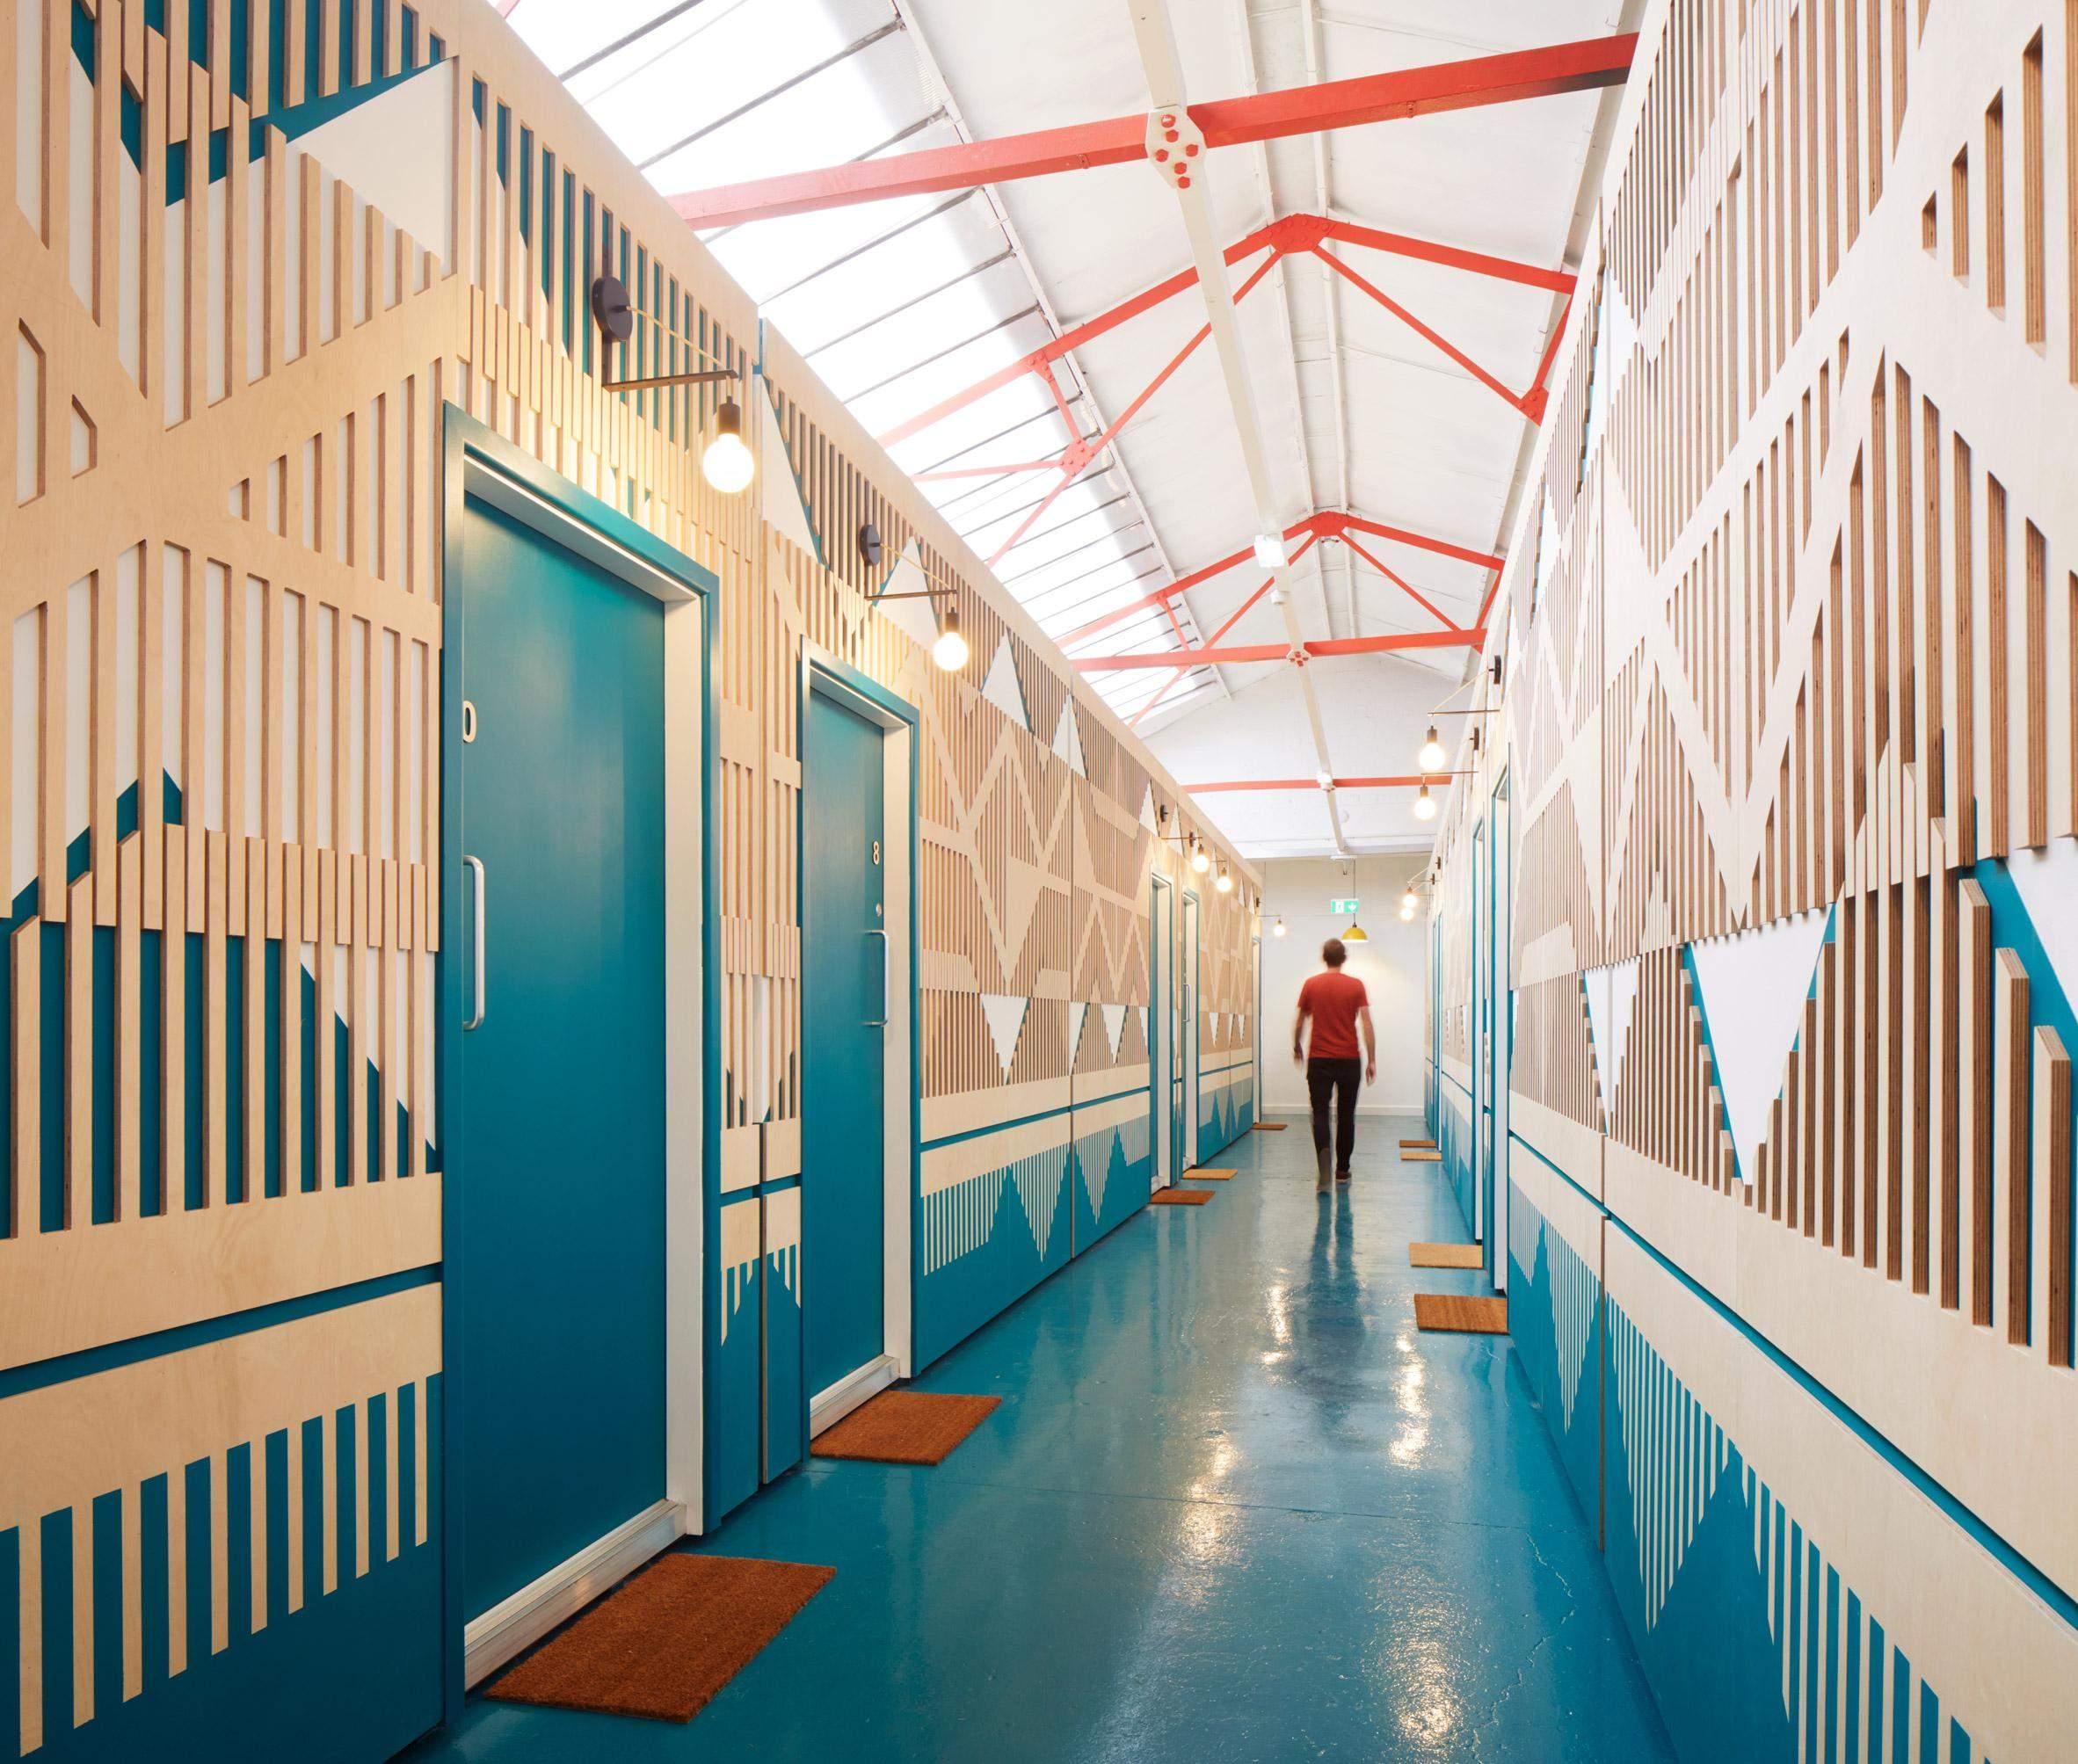 Головною артерією будівлі став різнокольоровий коридор